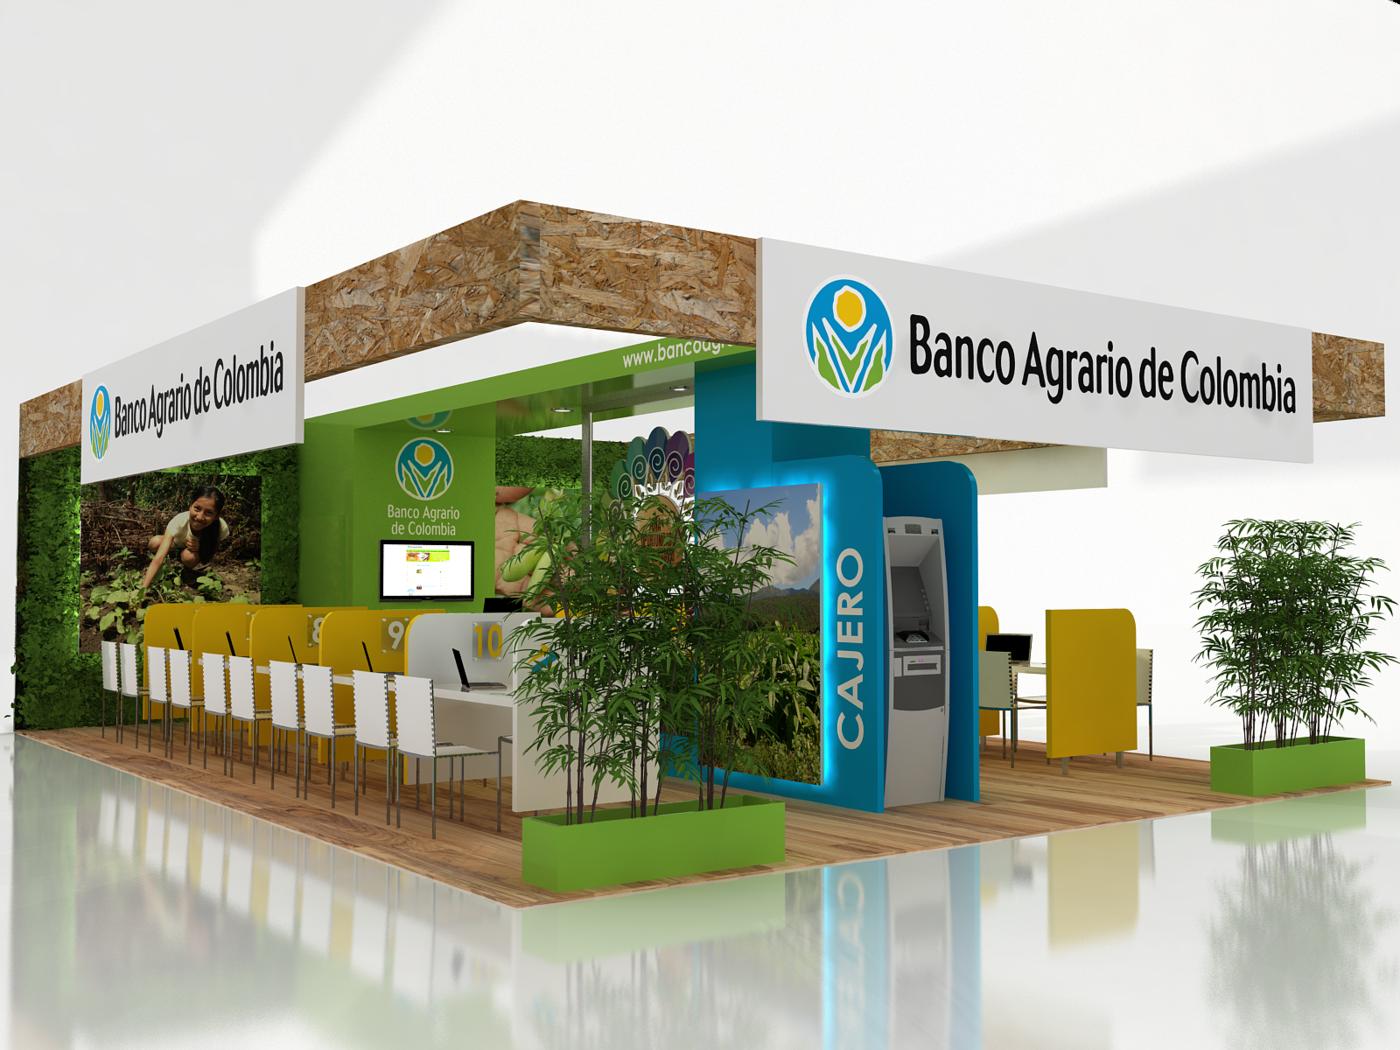 Banco agrario consulta de saldo